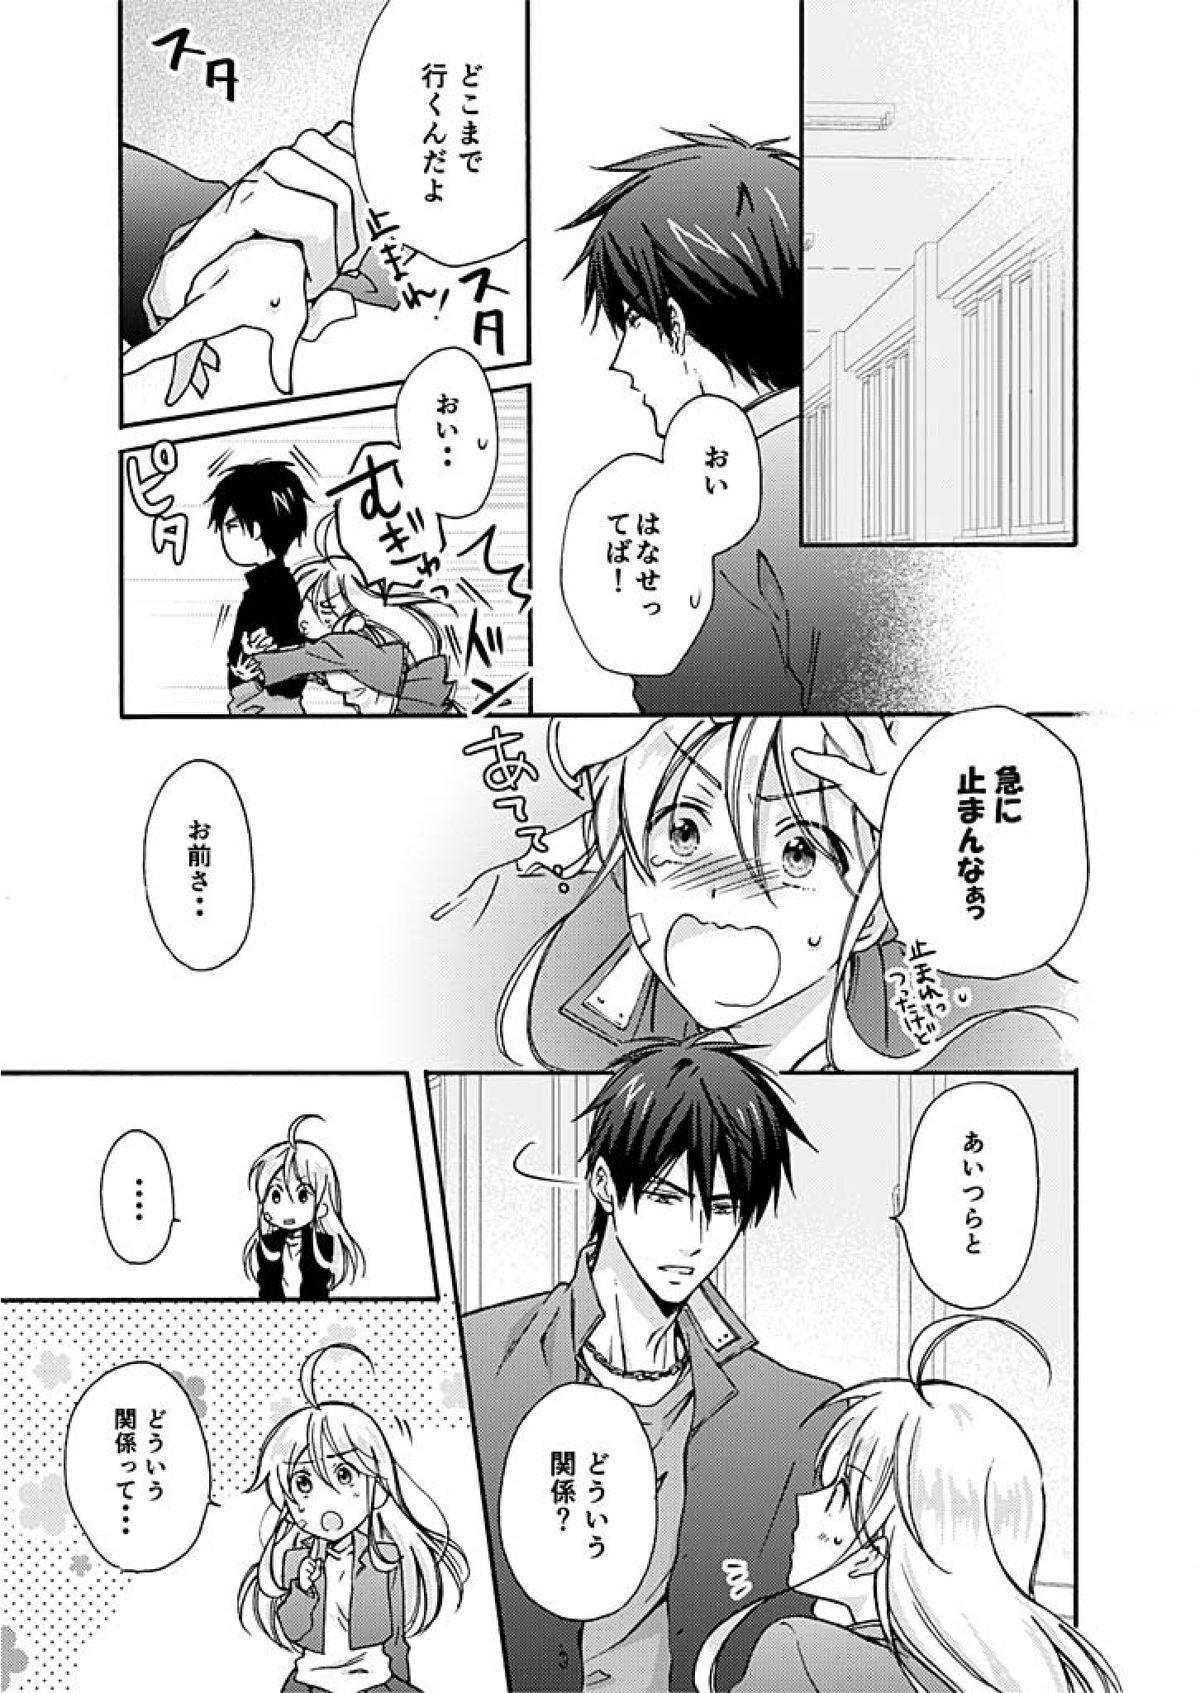 Nyotaika Yankee Gakuen ☆ Ore no Hajimete, Nerawaretemasu. 2 9